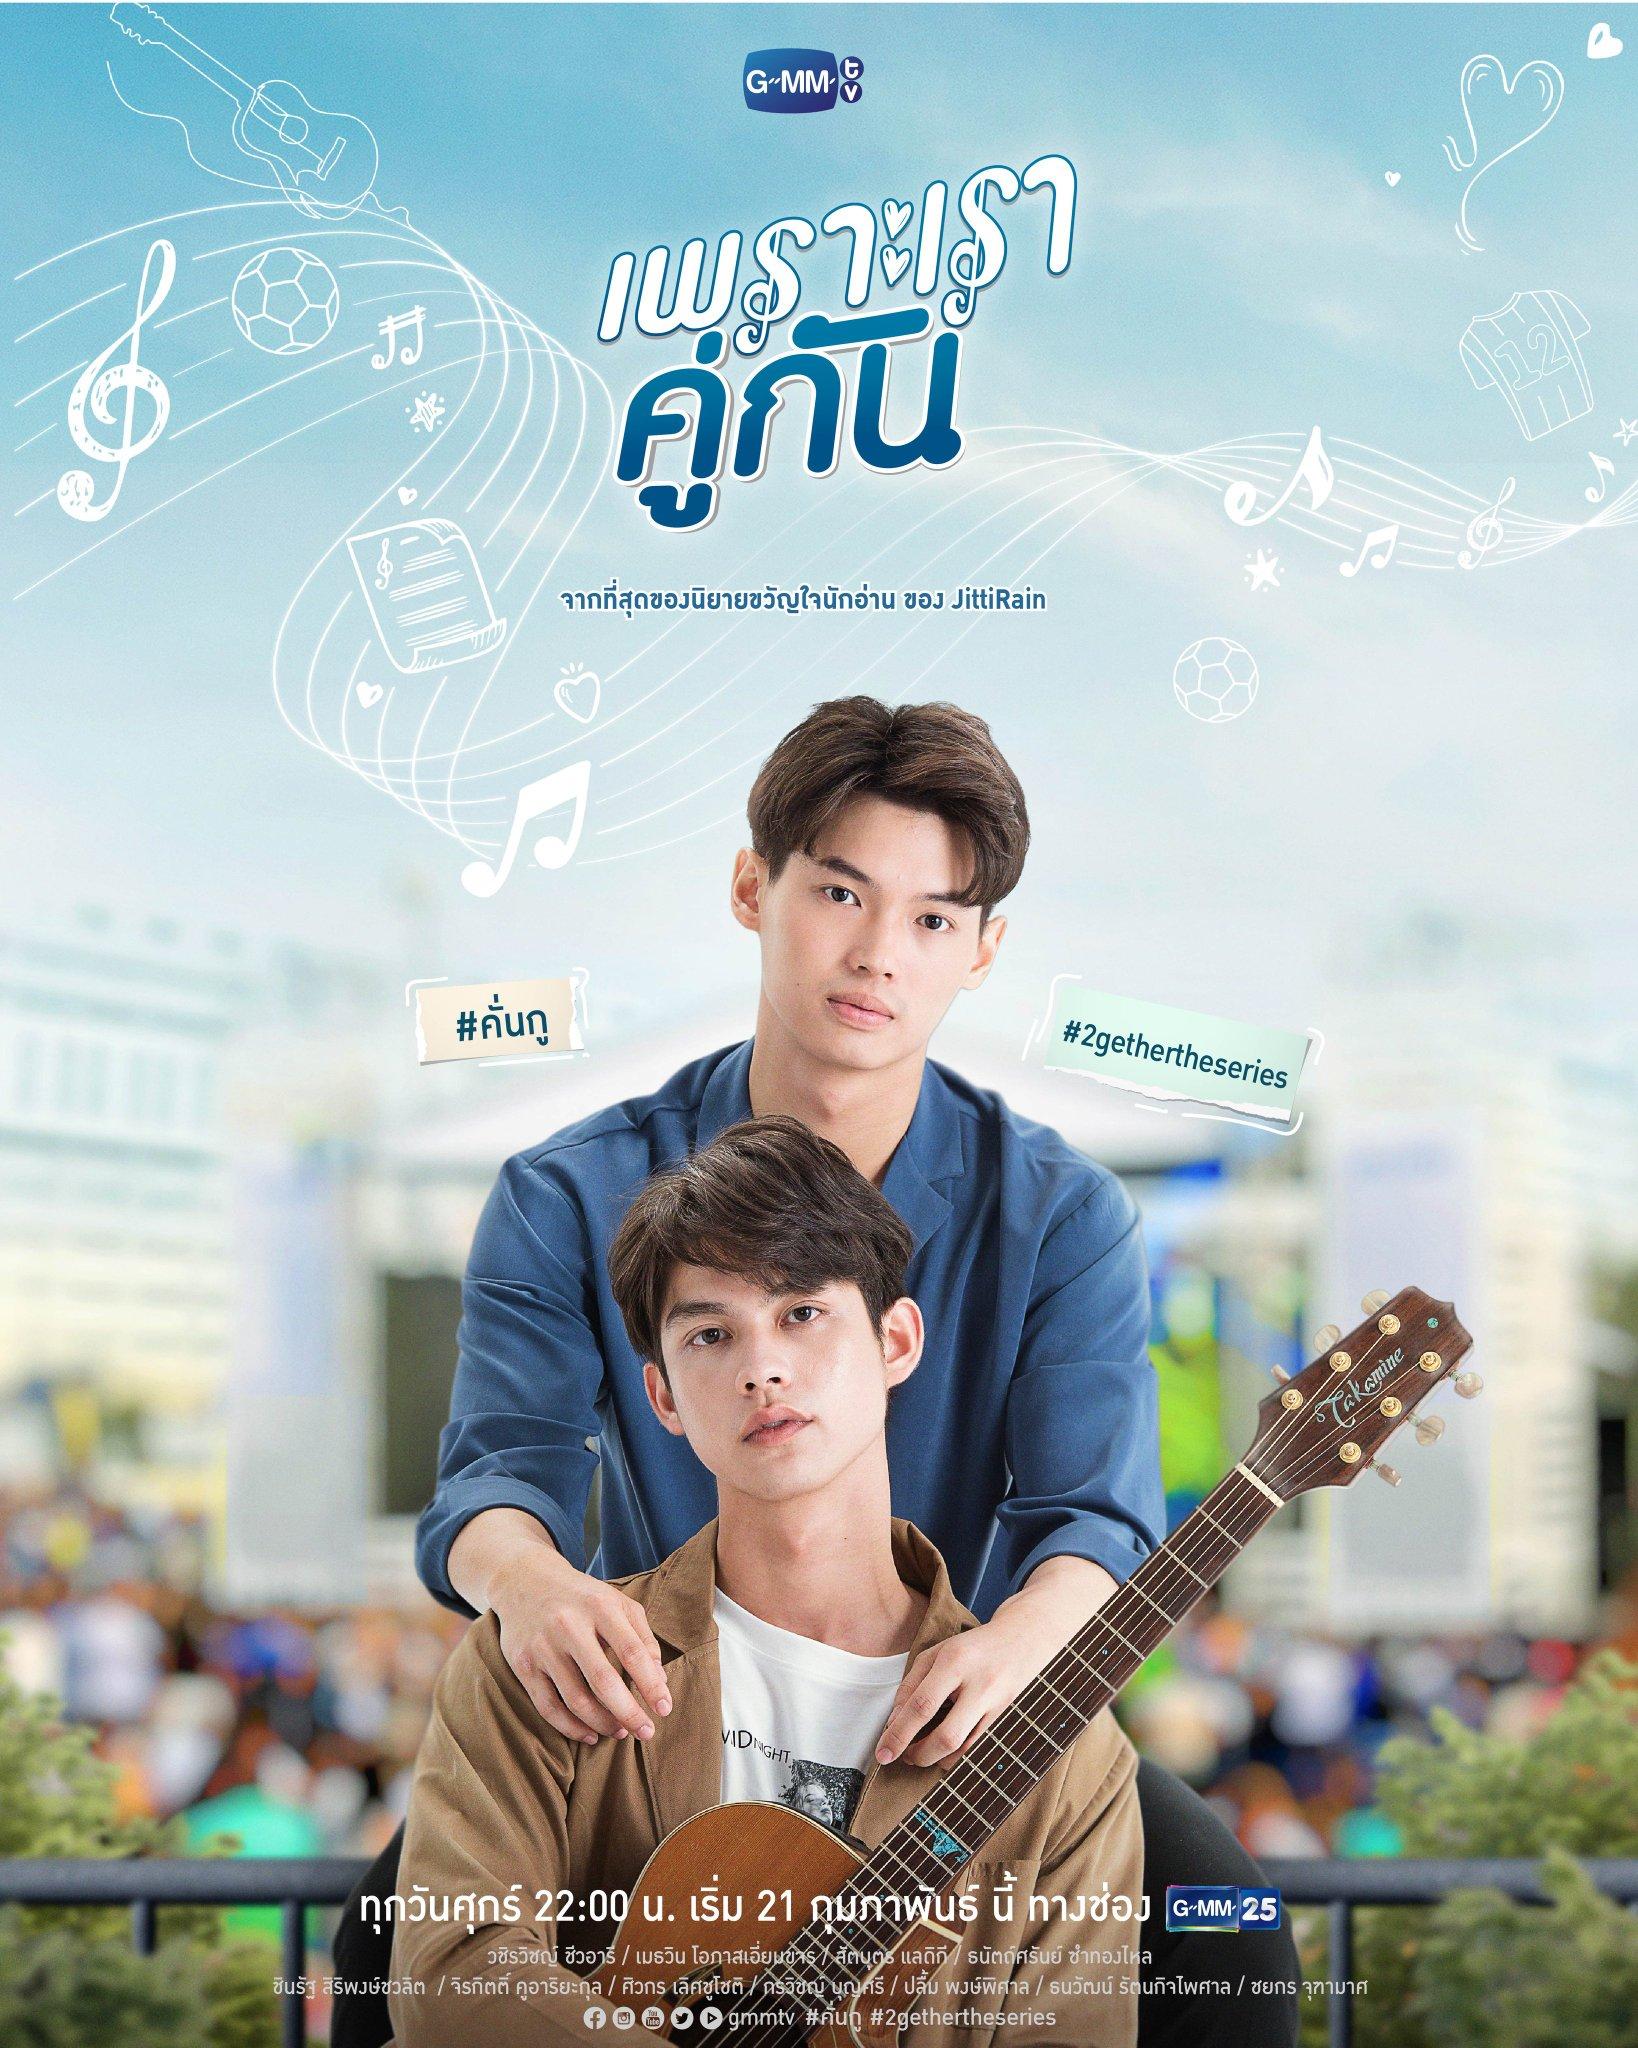 2gether bl Film Thailand Terbaik dan Romantis